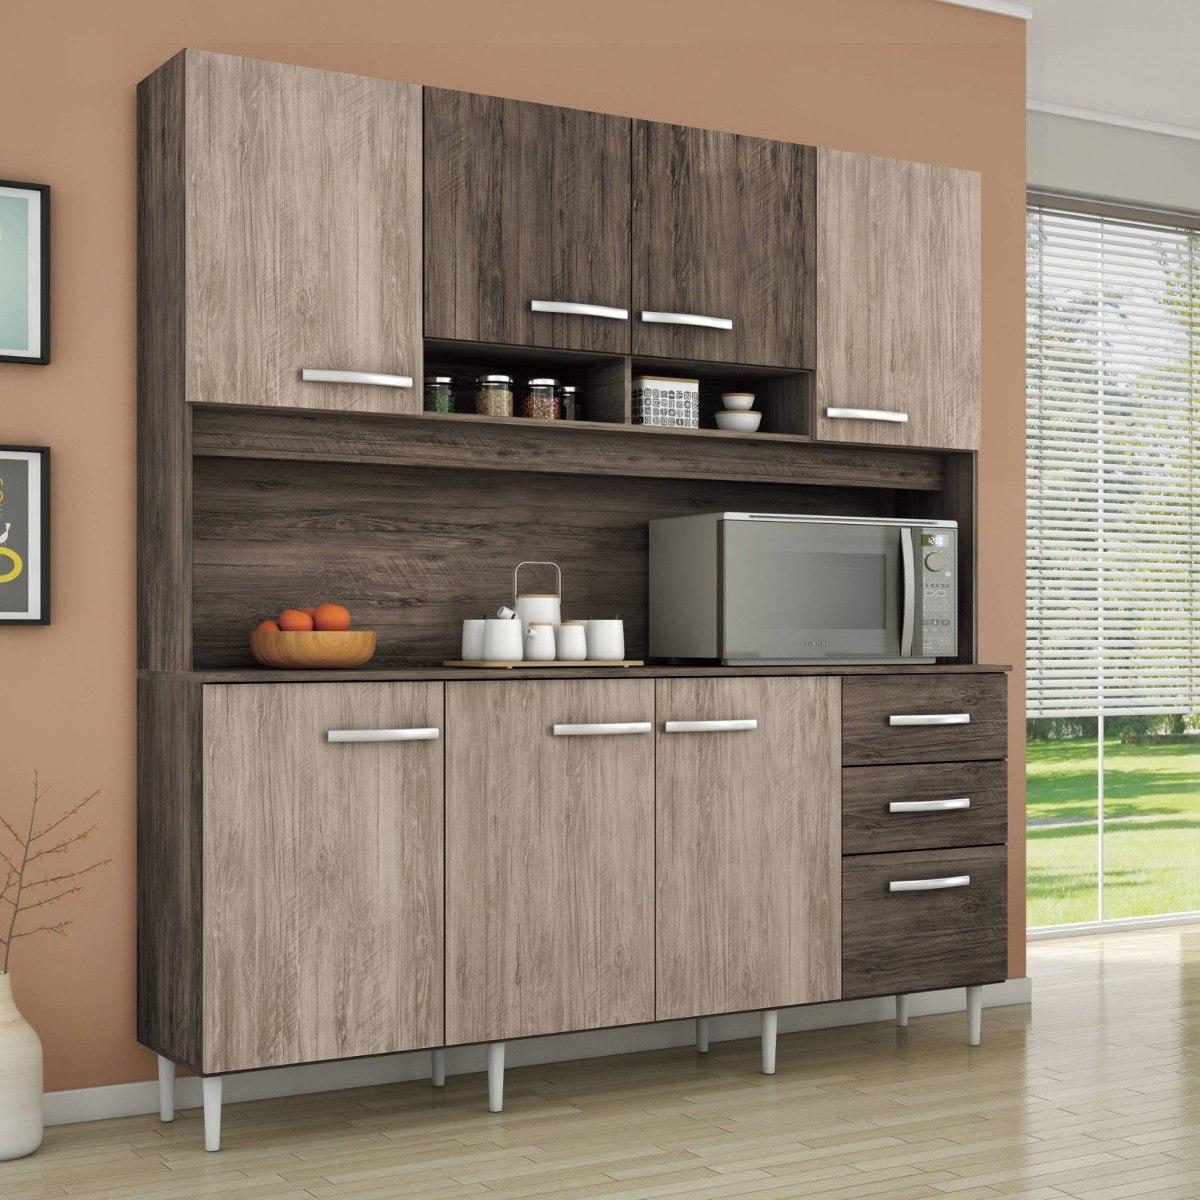 Arm Rio De Cozinha 8 Portas 2 Gavetas Sofia M Veis Dfwt R 479 90